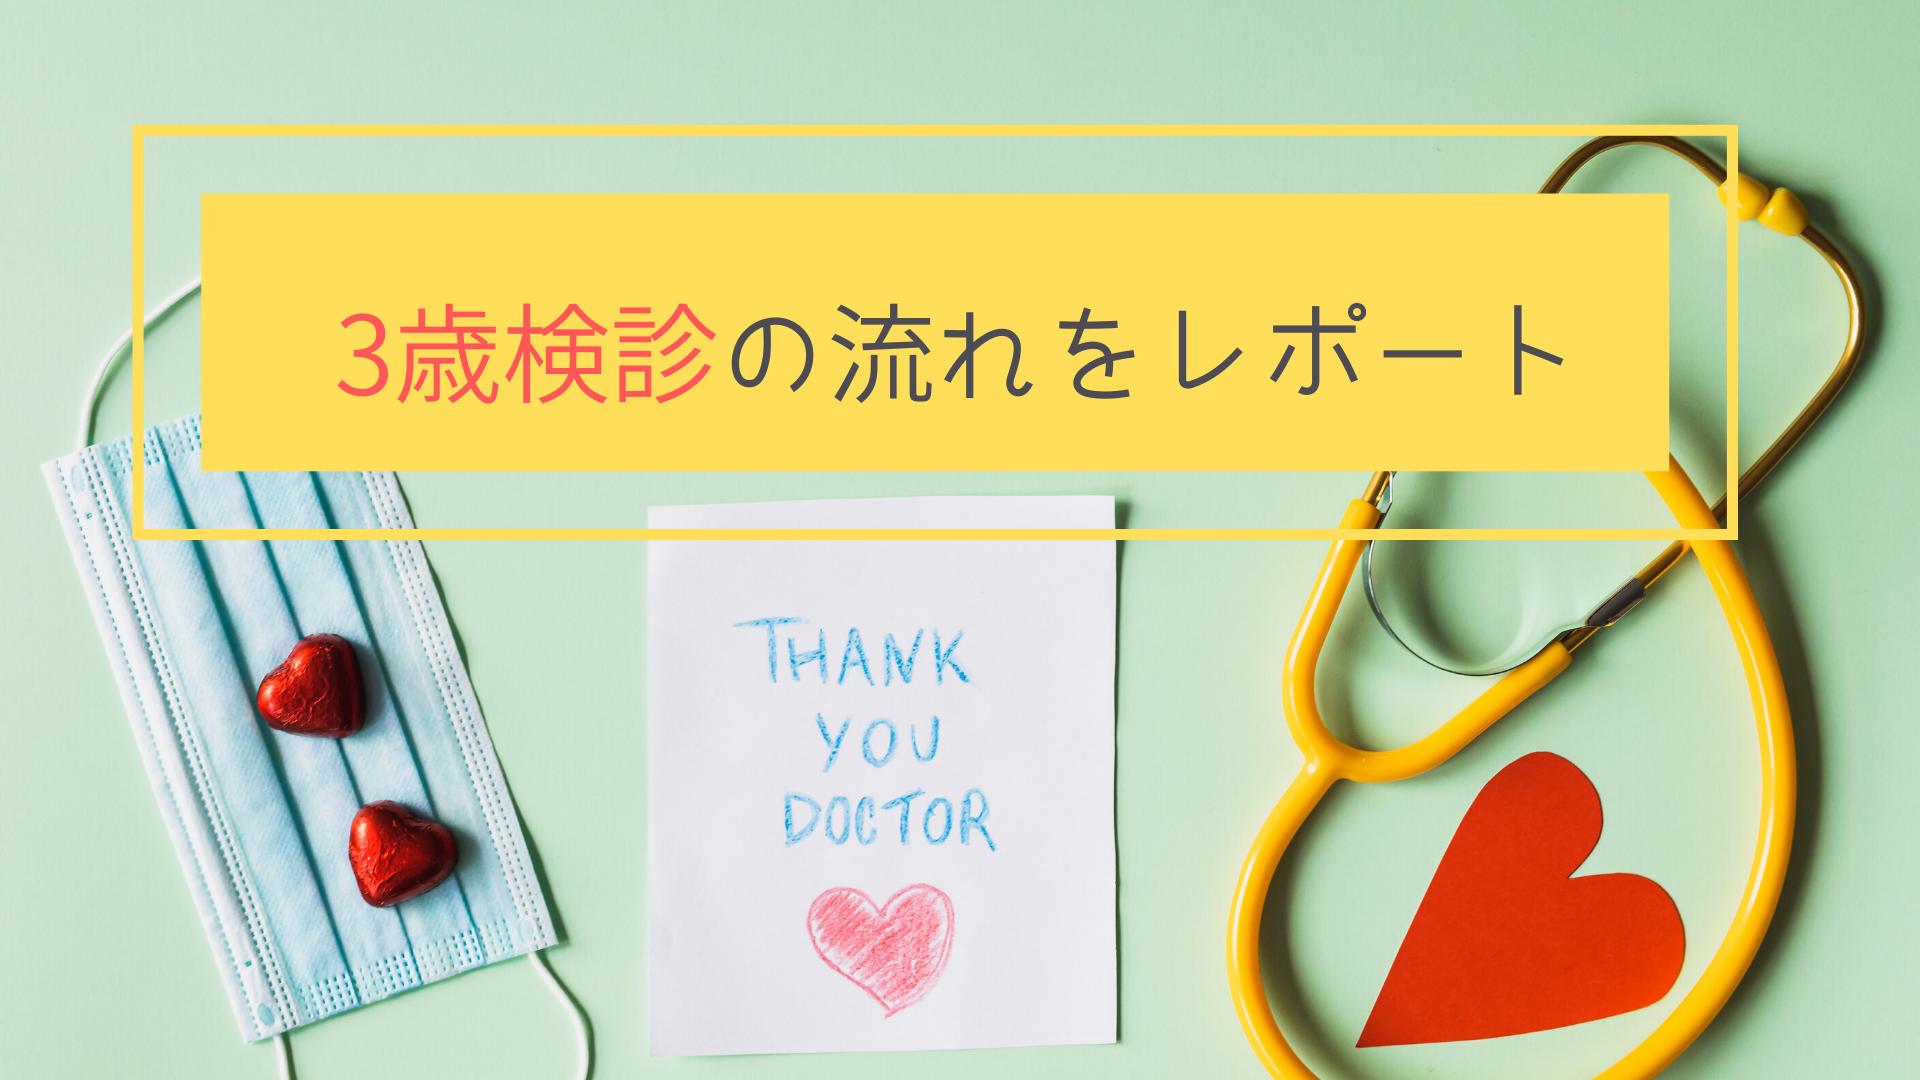 横浜市の3歳検診の流れや体験談をブログで紹介